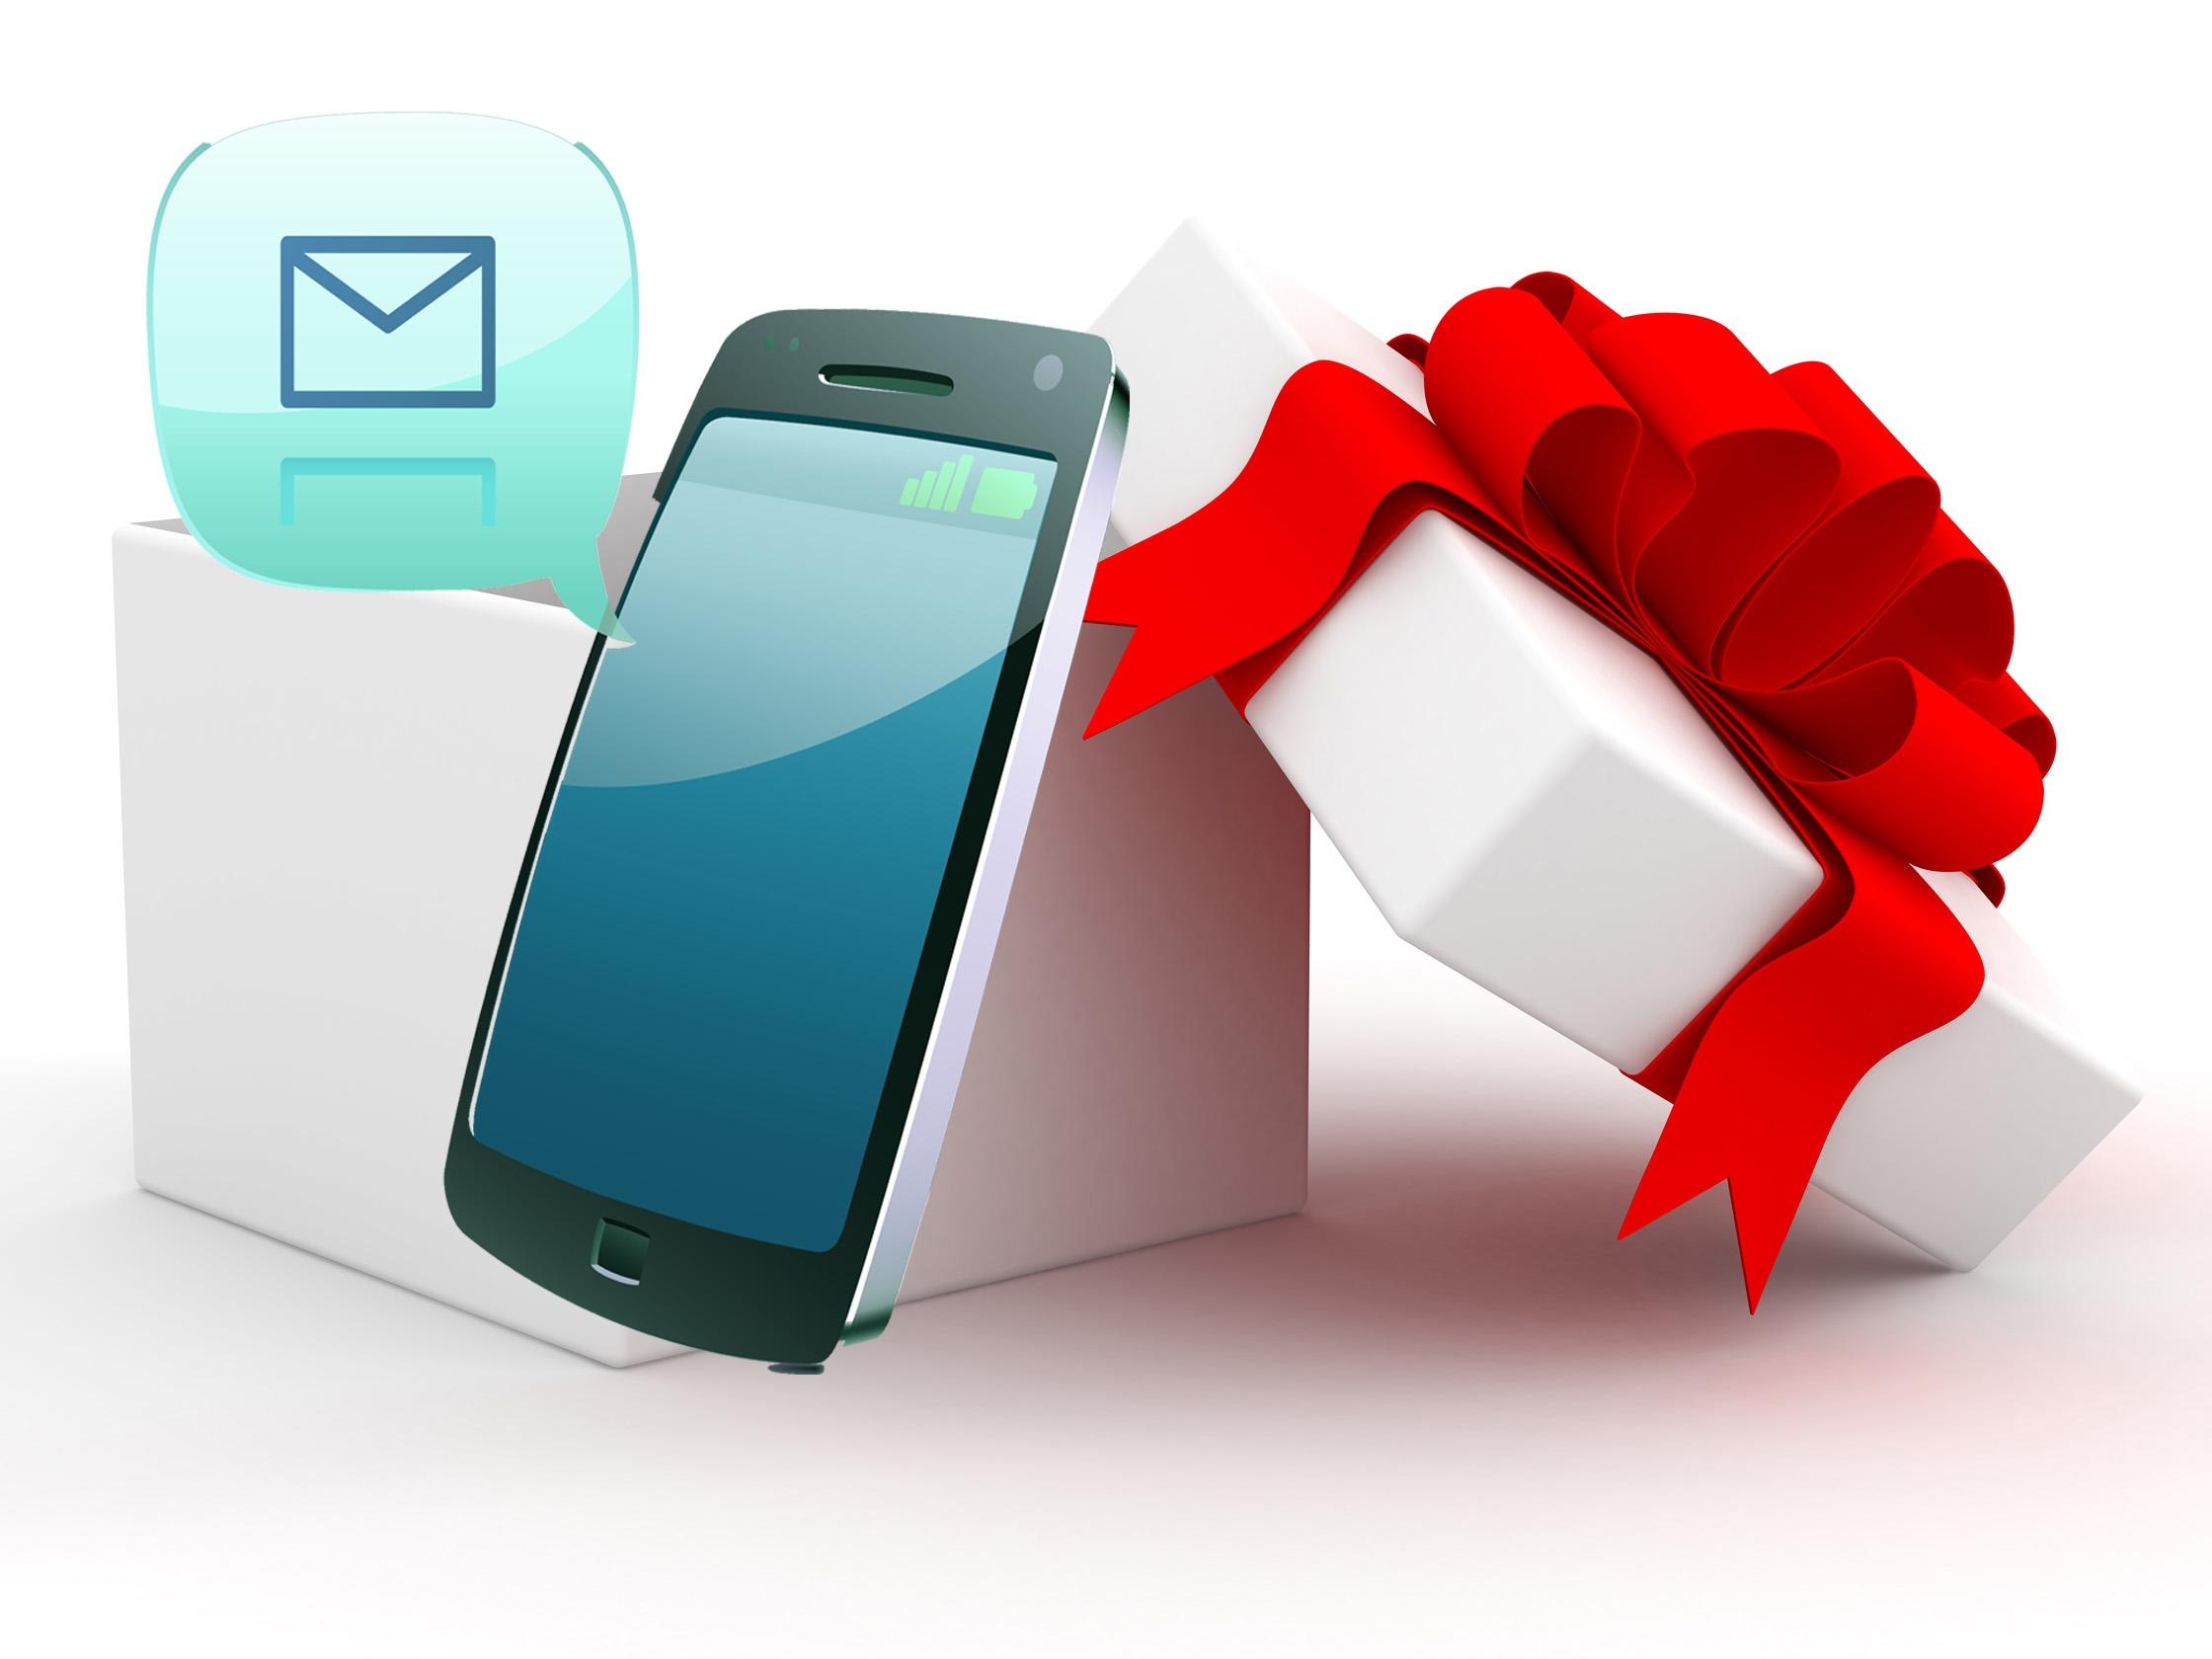 هشدار وزارت ارتباطات در مورد پیامک های کلاهبرداری